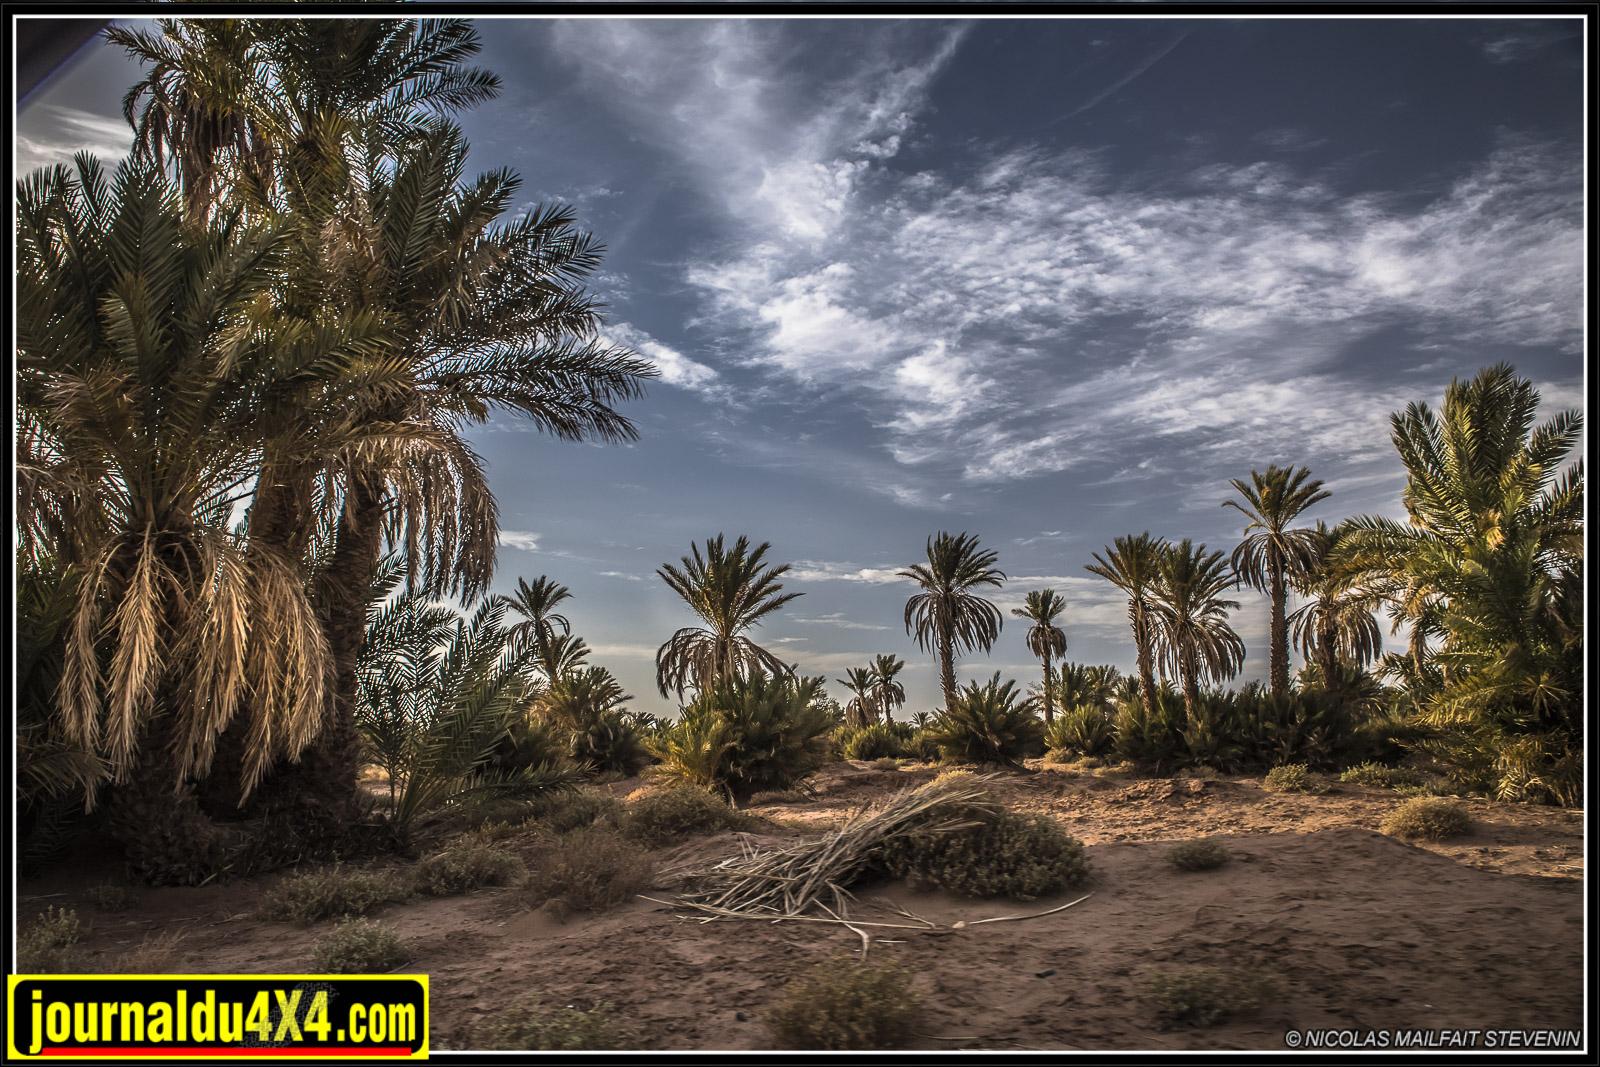 rallye-aicha-gazelles-maroc-2017-6941.jpg